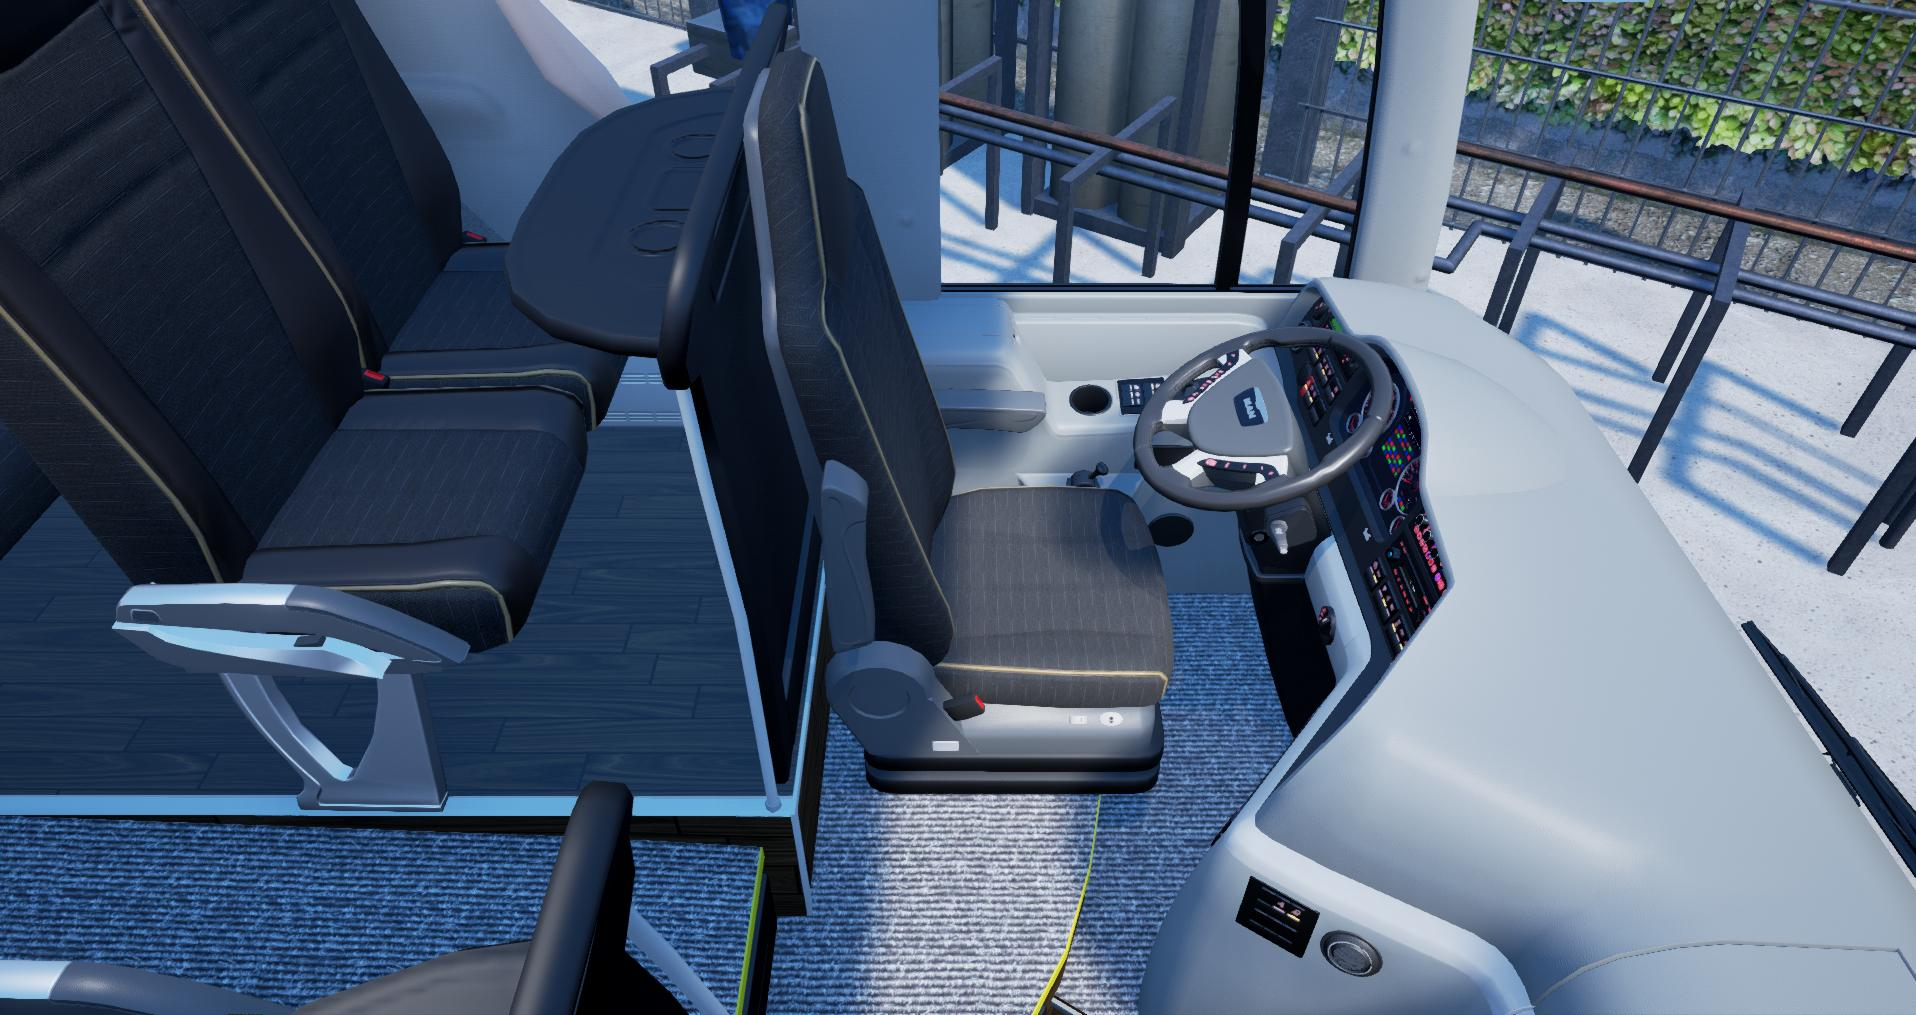 Fernbus Simulator - [PC]: Windows: Amazon.de: Games